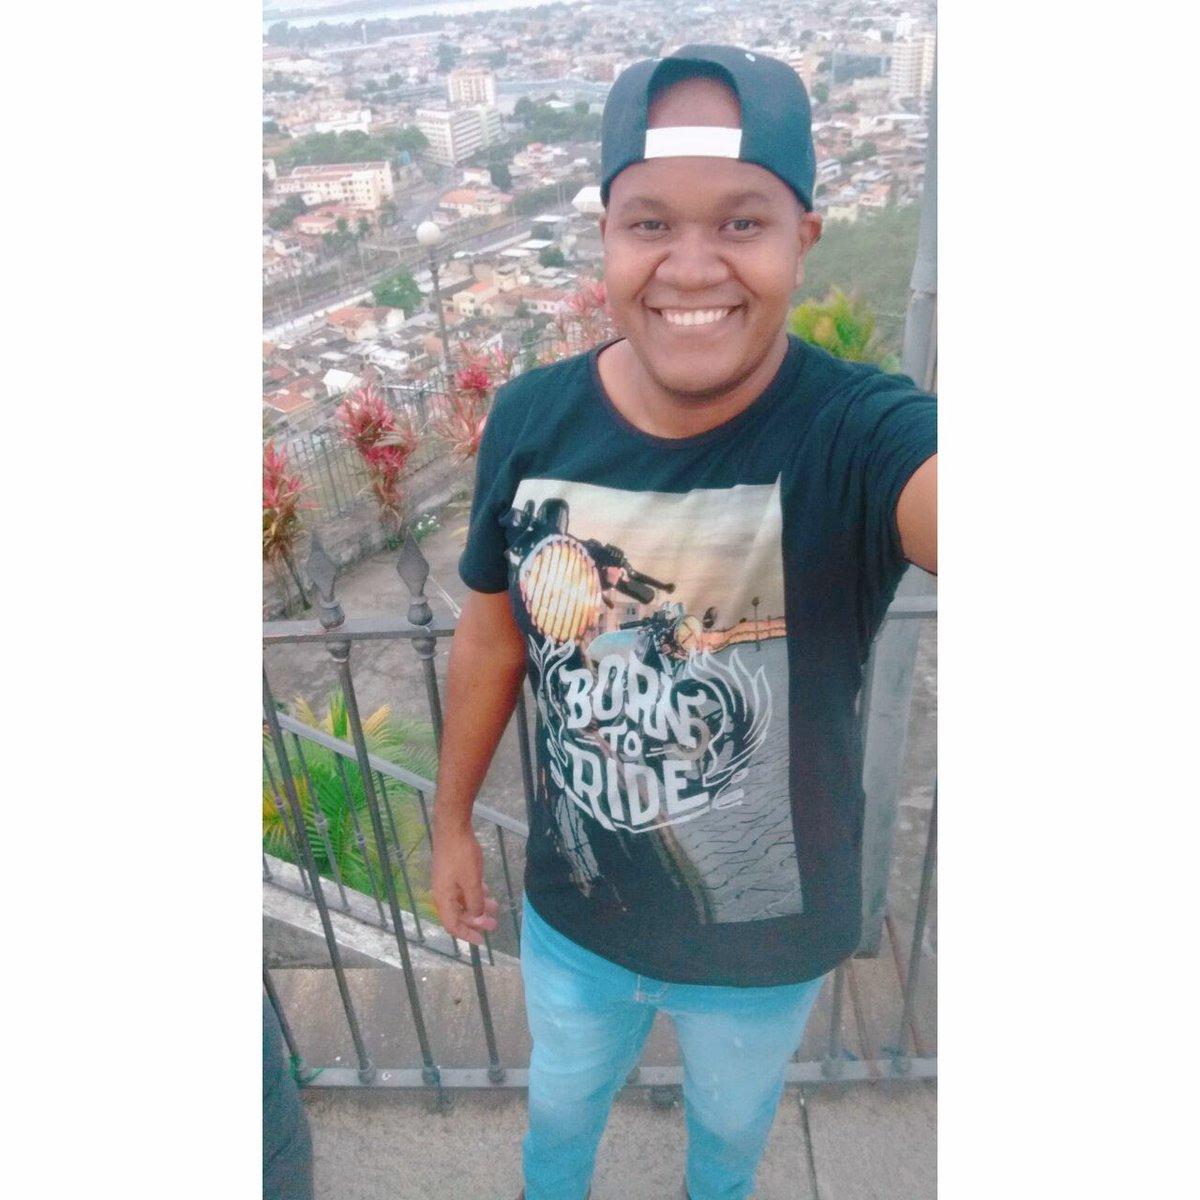 Tbt de hoje ... #tbt #gay #boy #Instagram #likeforlike #Bears #favela #RJ #GoodVibes #gordinho #kisses